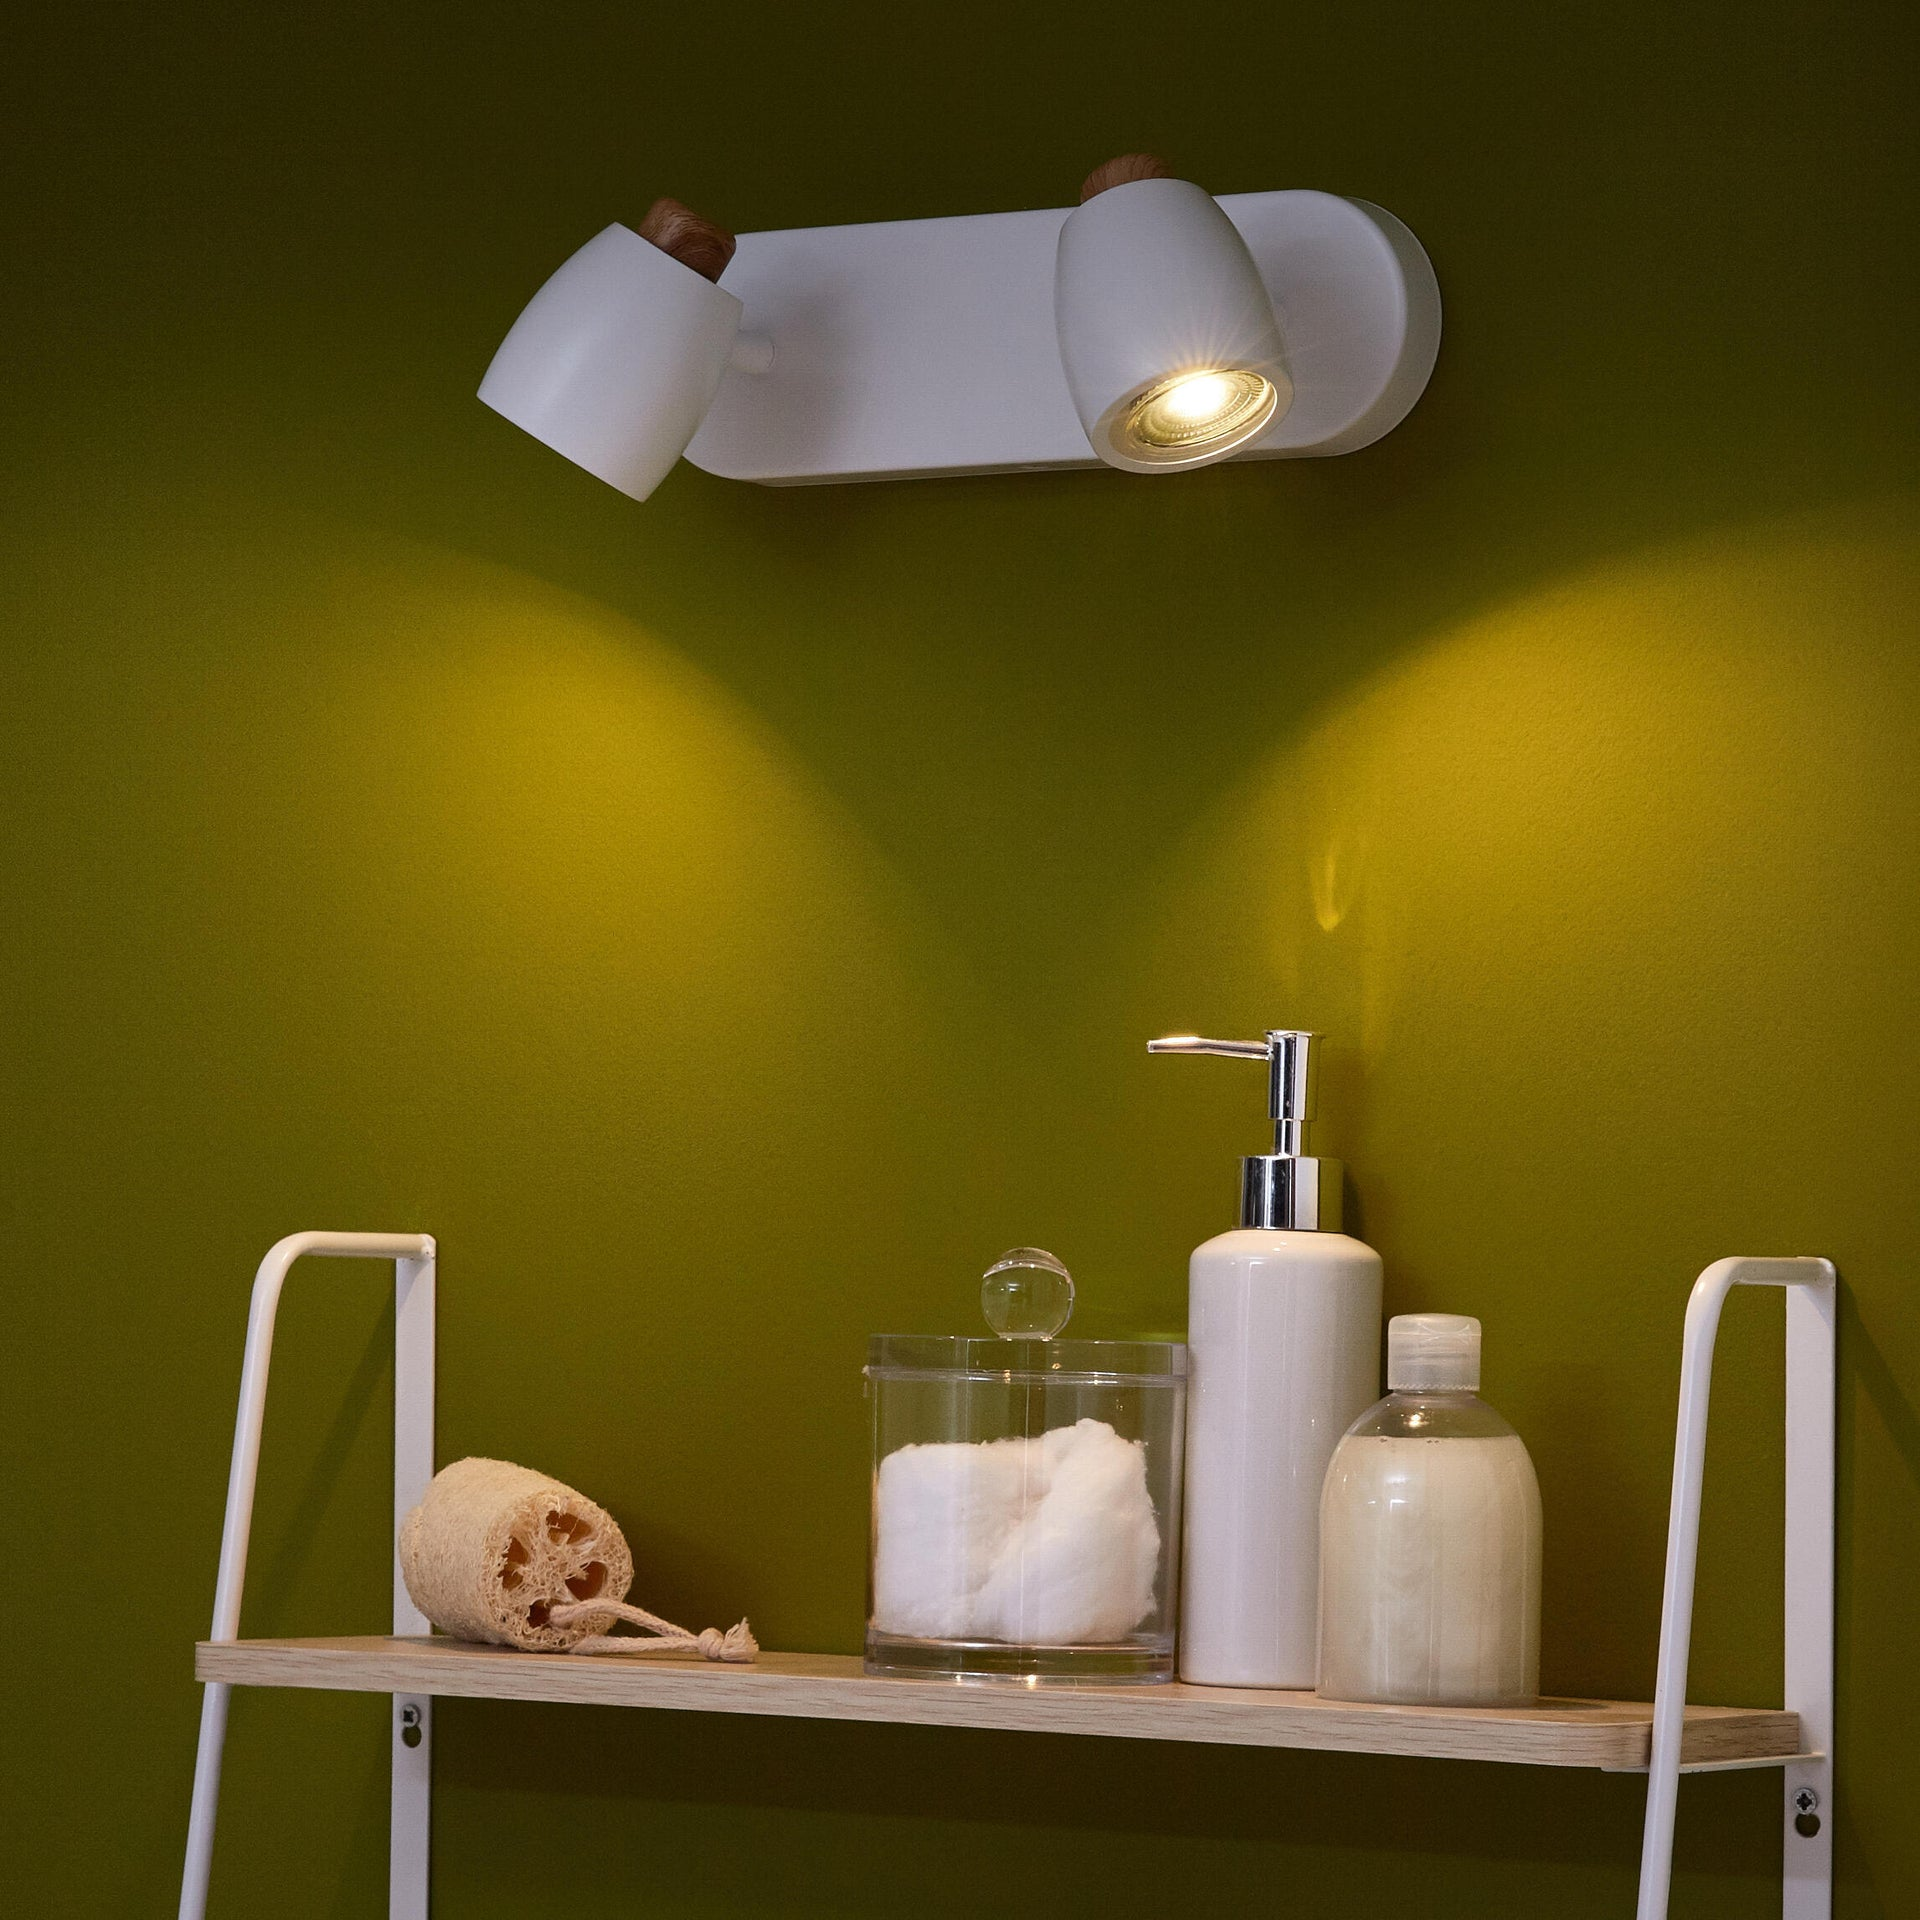 Faretto a muro Nordic bianco, marrone, in ferro, GU10 2x42W IP20 INSPIRE - 3